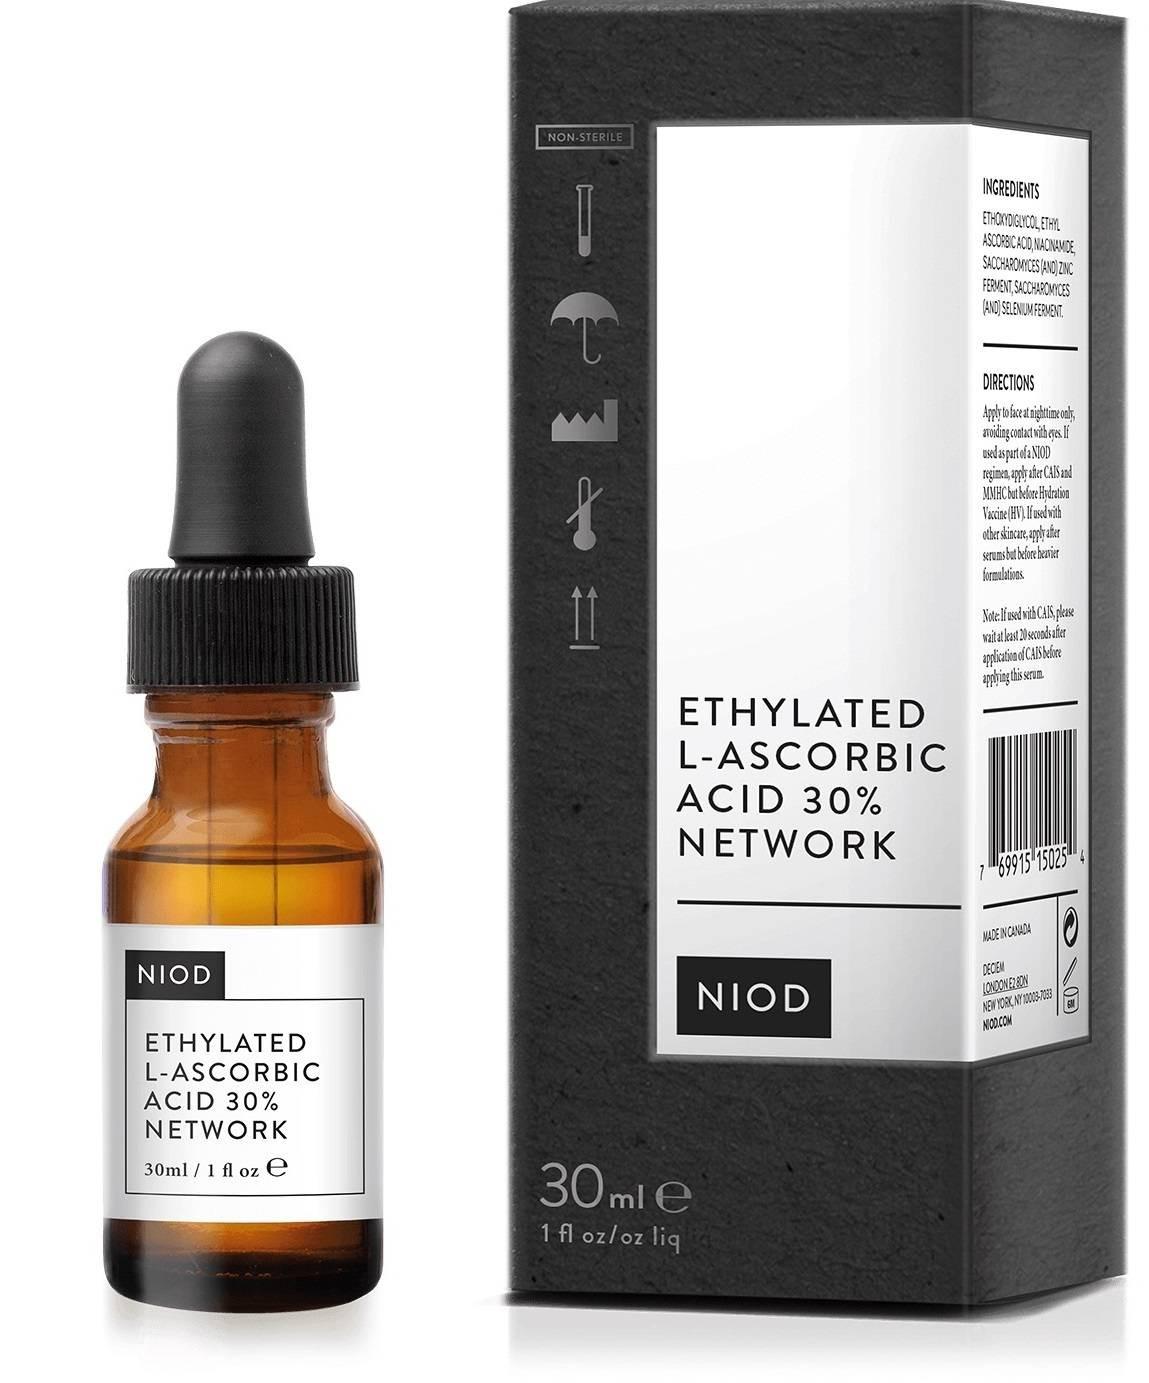 Ethylated L-Ascorbic Acid 30% - NIOD